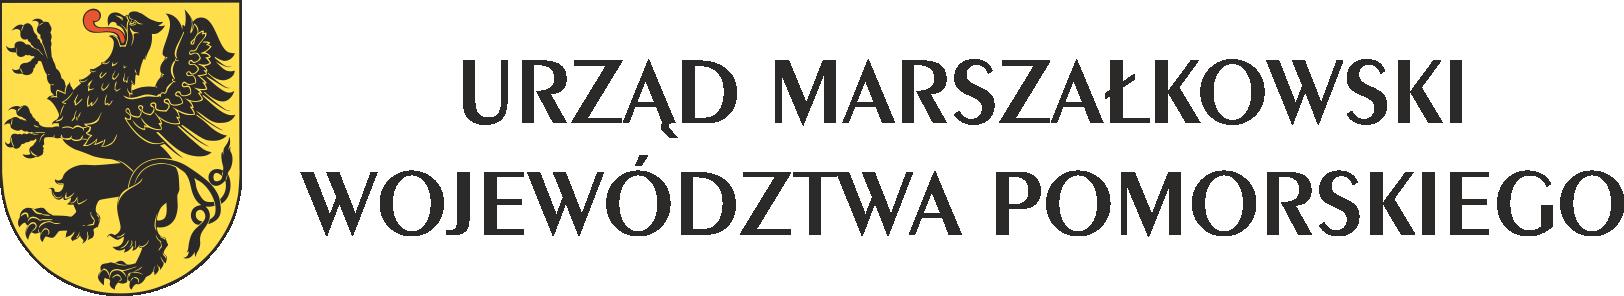 Przejdź do strony https://pomorskie.eu/urzad-marszalkowski-wojewodztwa-pomorskiego